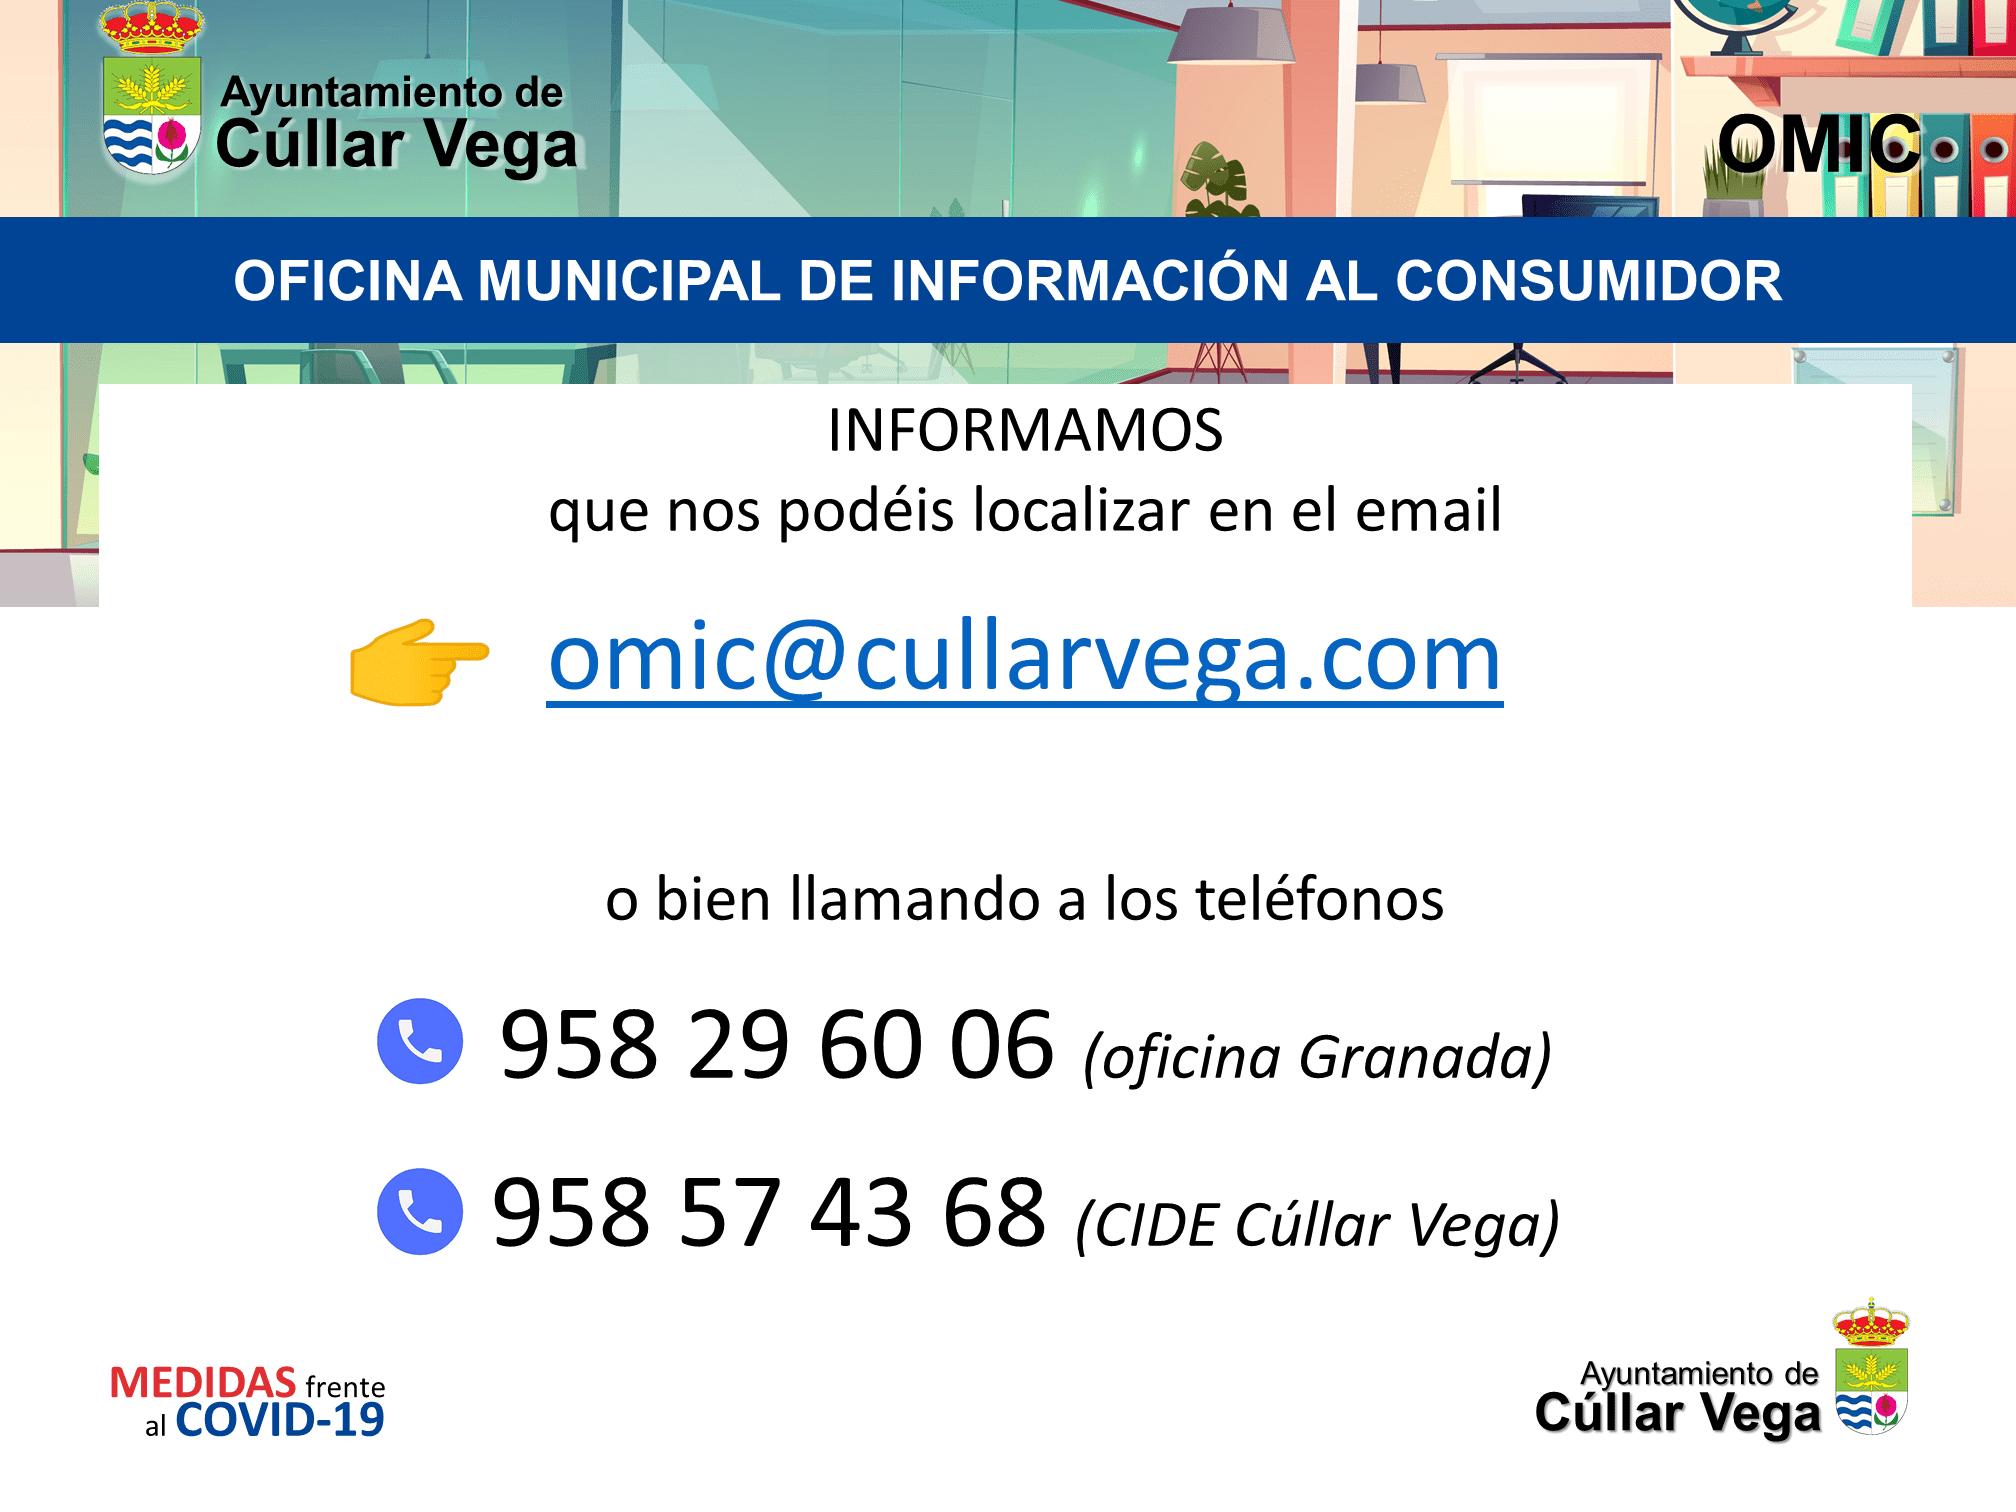 Información de contacto con la Oficina del Consumidor de Cúllar Vega